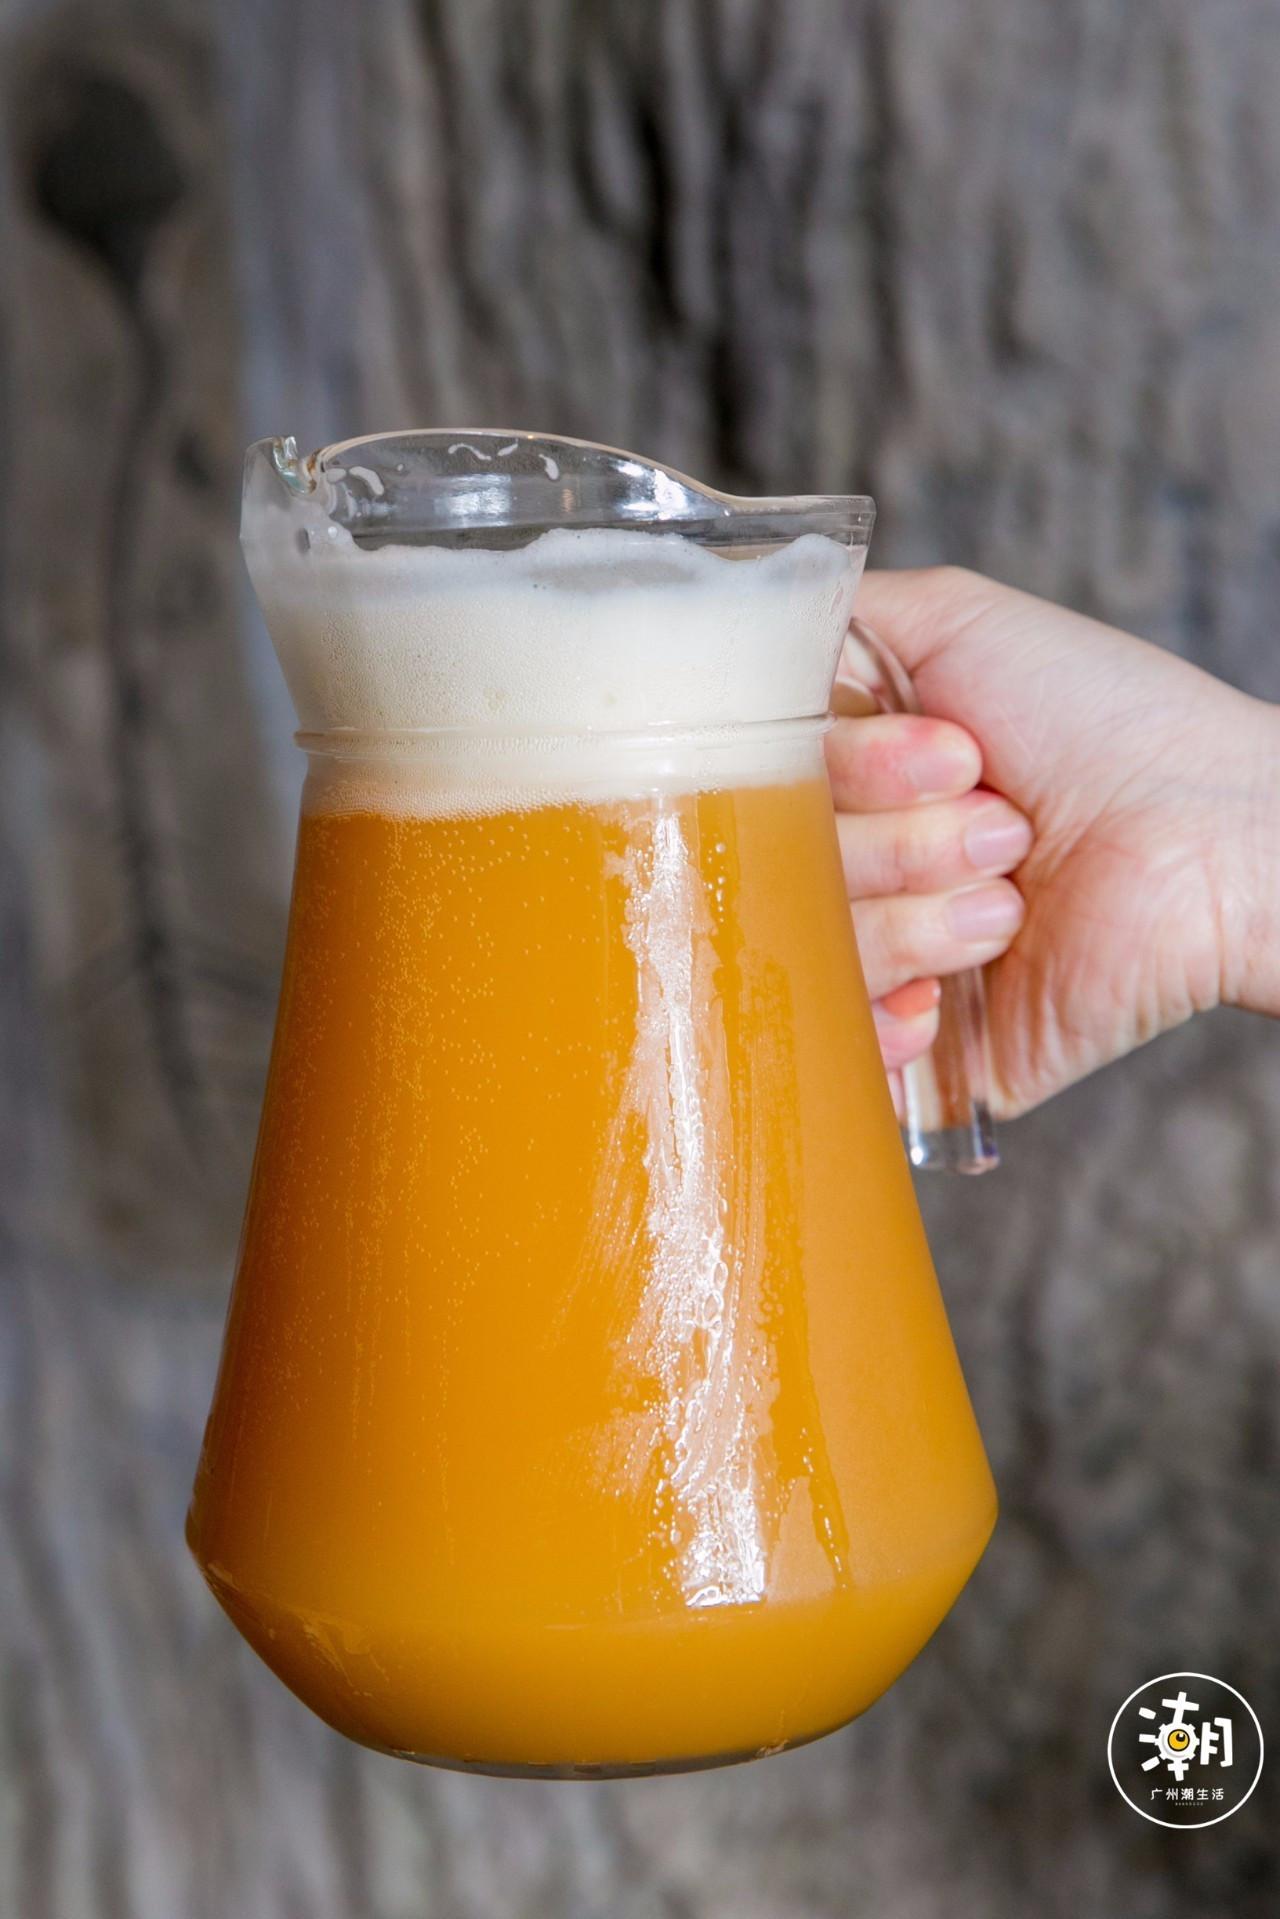 啤酒和榴莲能一起吃吗